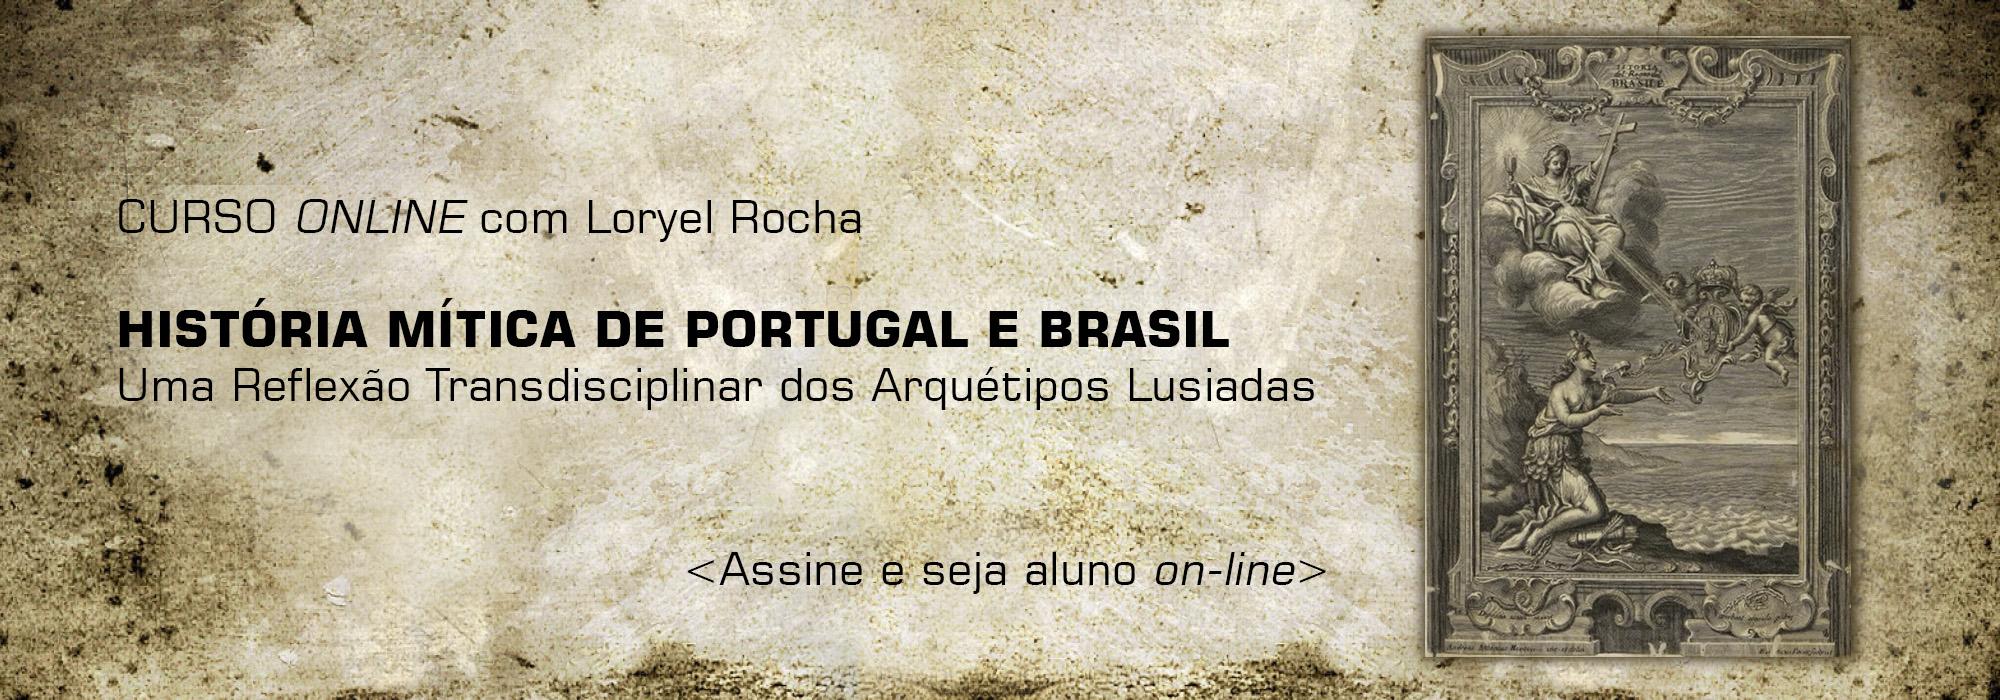 BANNER HISTÓRIA MÍTICA ON LINE PARA O SITE